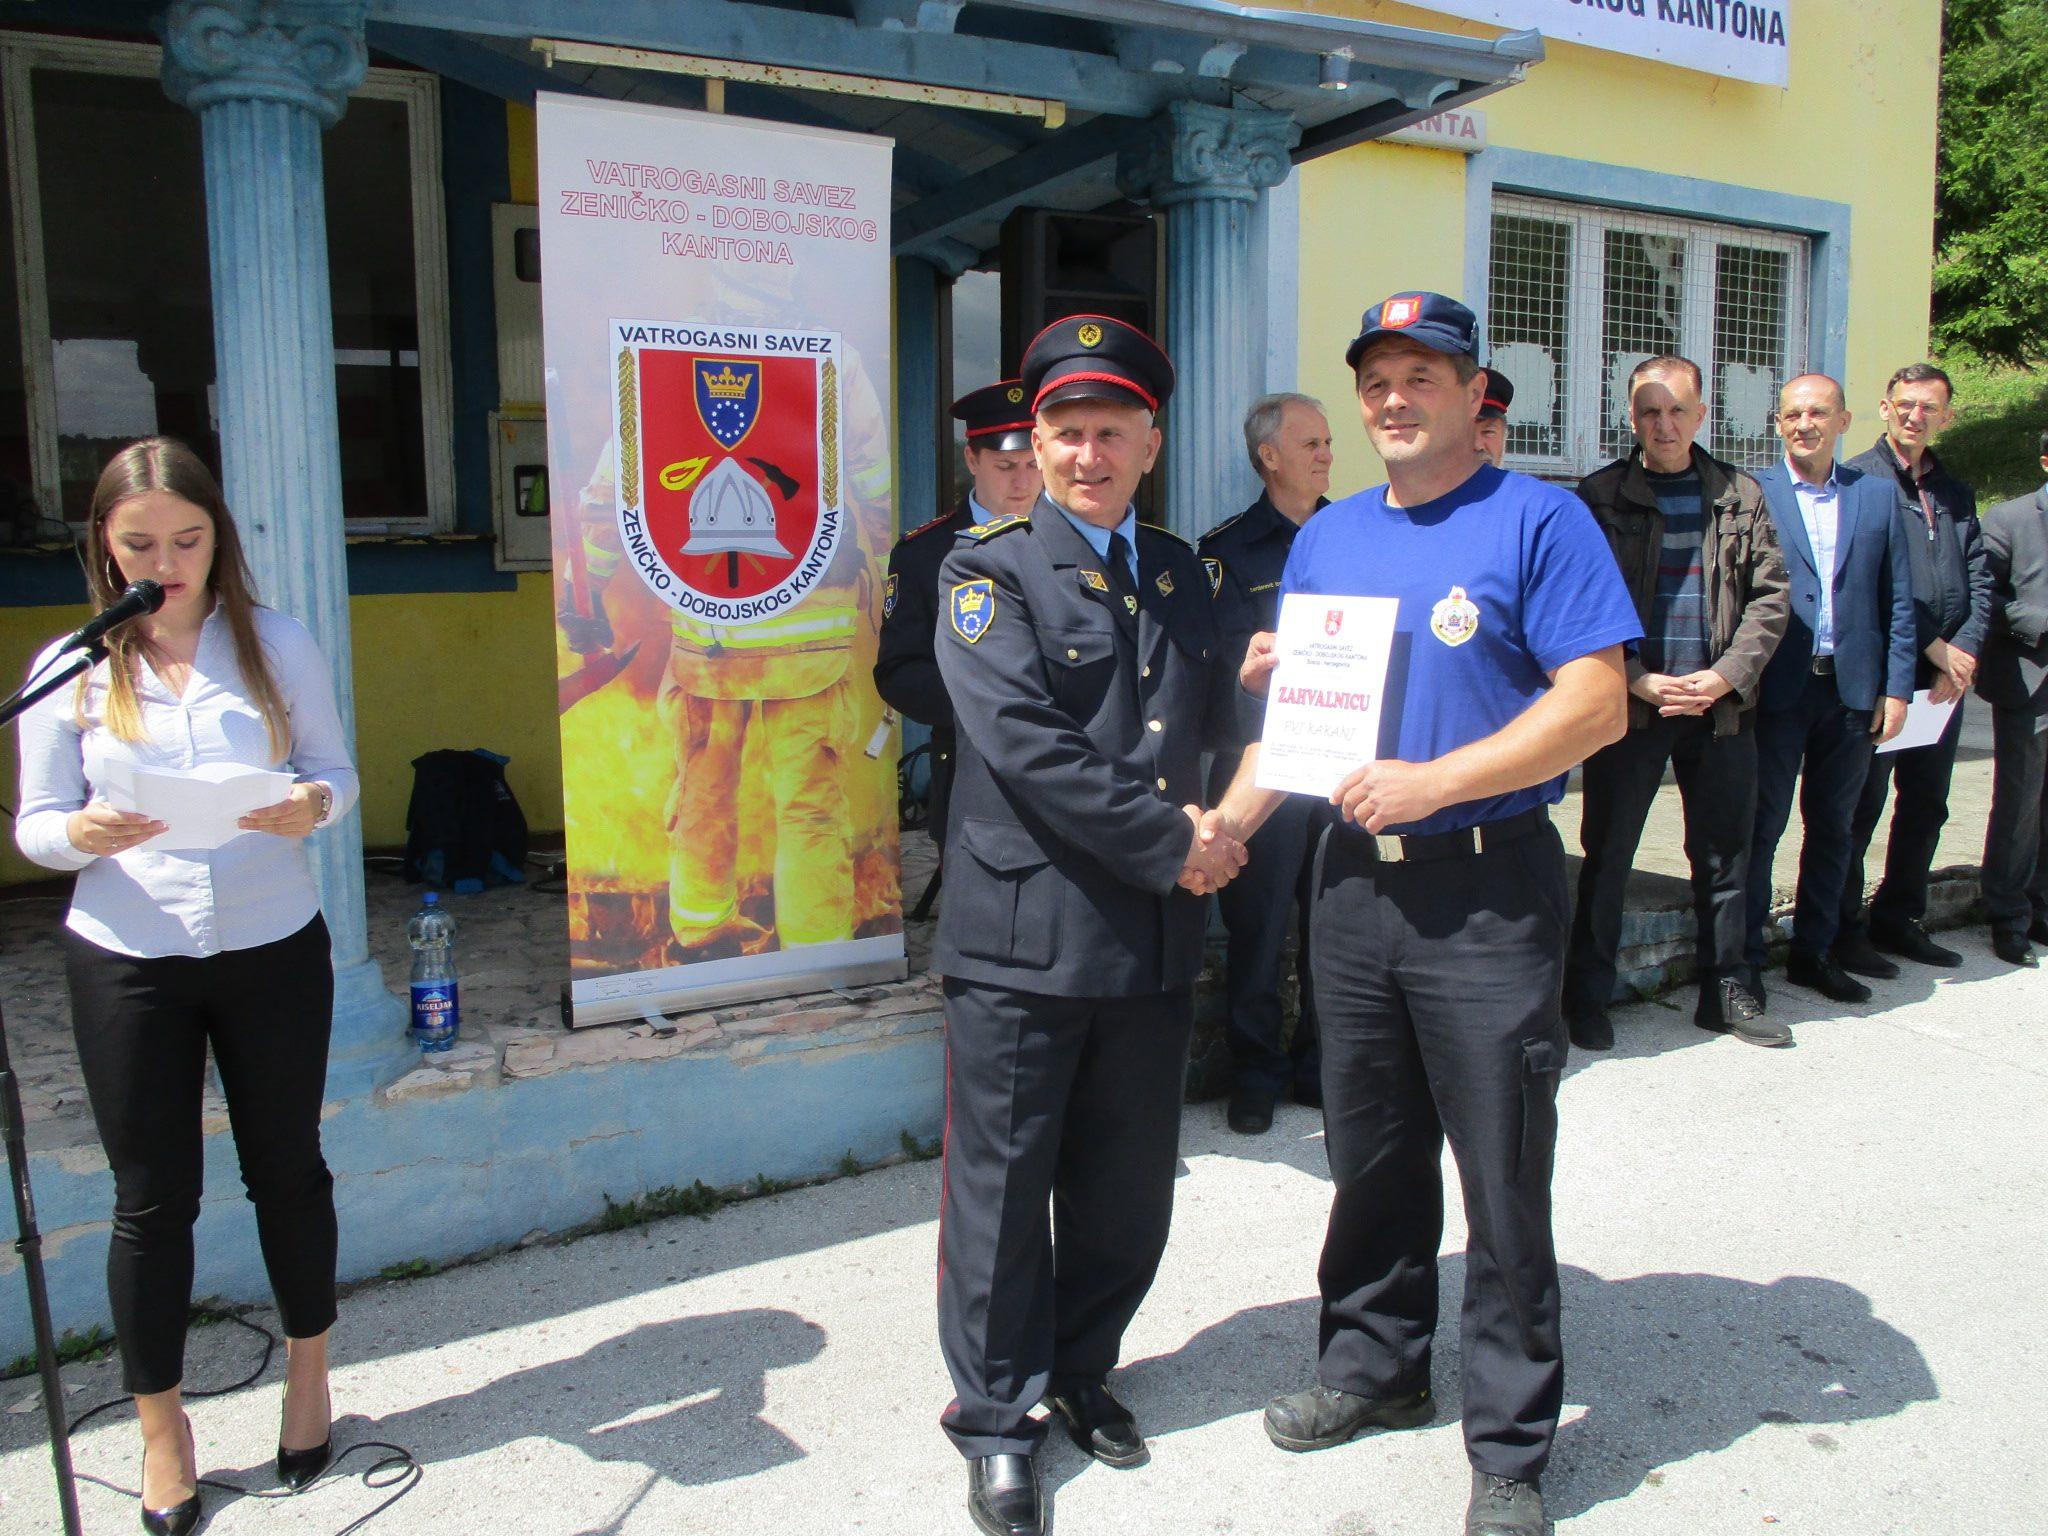 Četvrti susret vatrogasaca ZDK: Kakanjski vatrogasci prvi u vatrogasnoj štafeti i navlačenju konopca